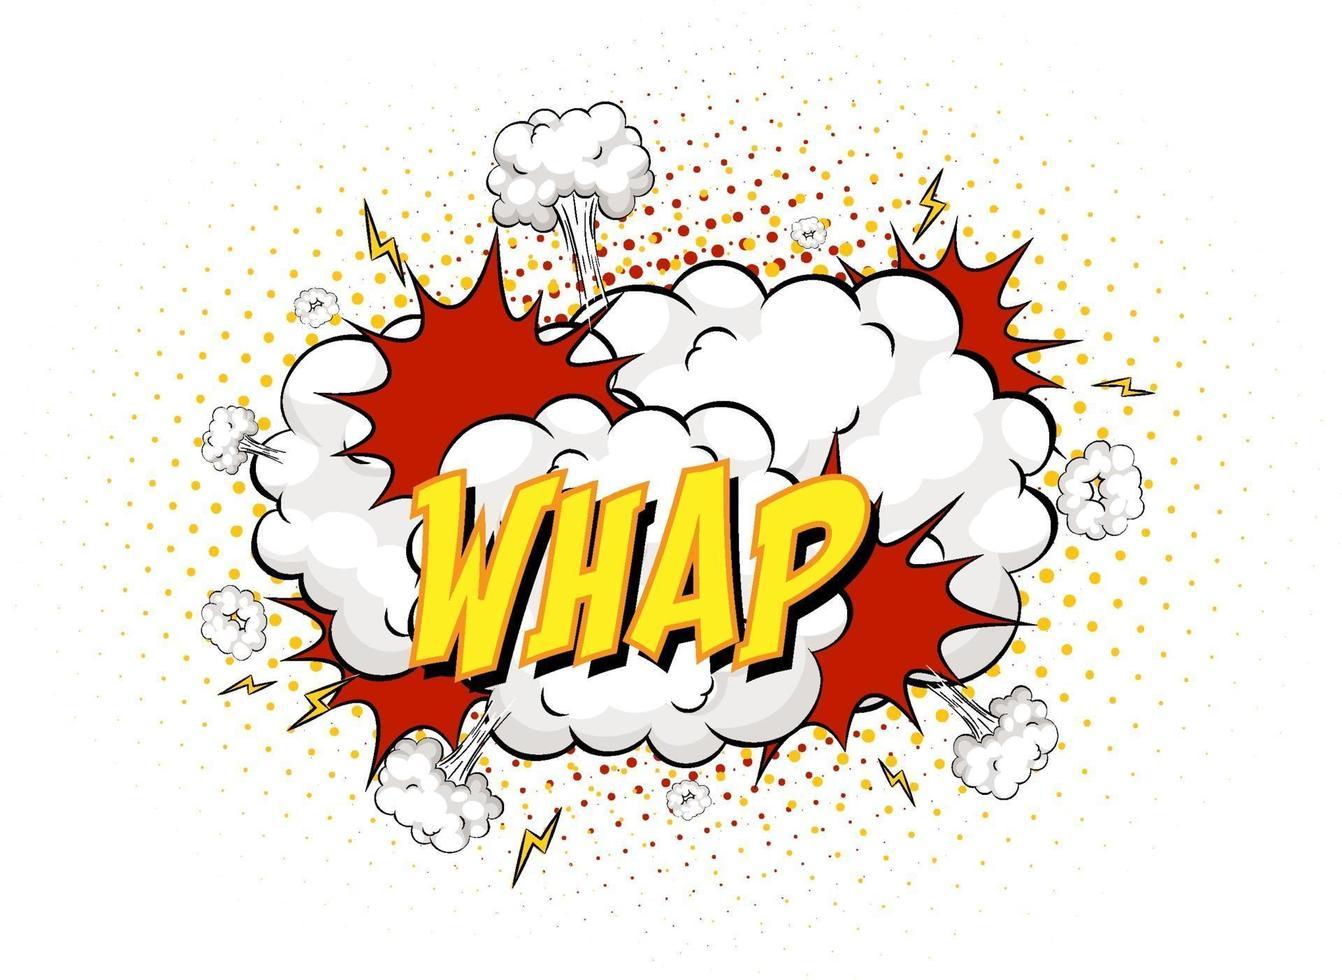 Whap texte sur l'explosion de nuage comique isolé sur fond blanc vecteur